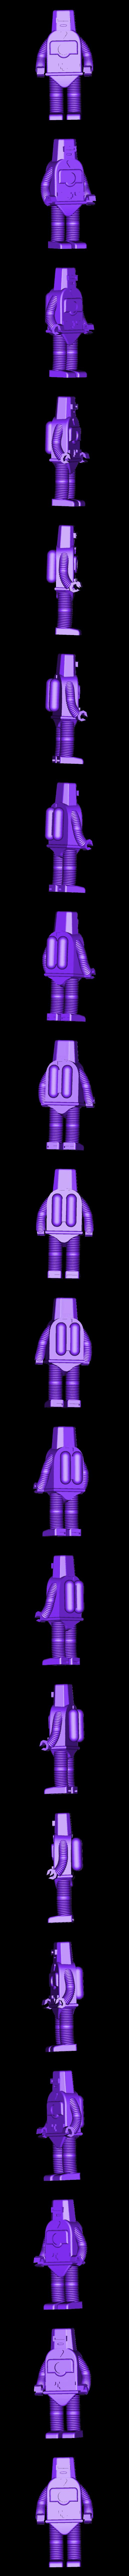 Z_Robot.stl Télécharger fichier STL gratuit Z Robot • Modèle pour impression 3D, Zortrax